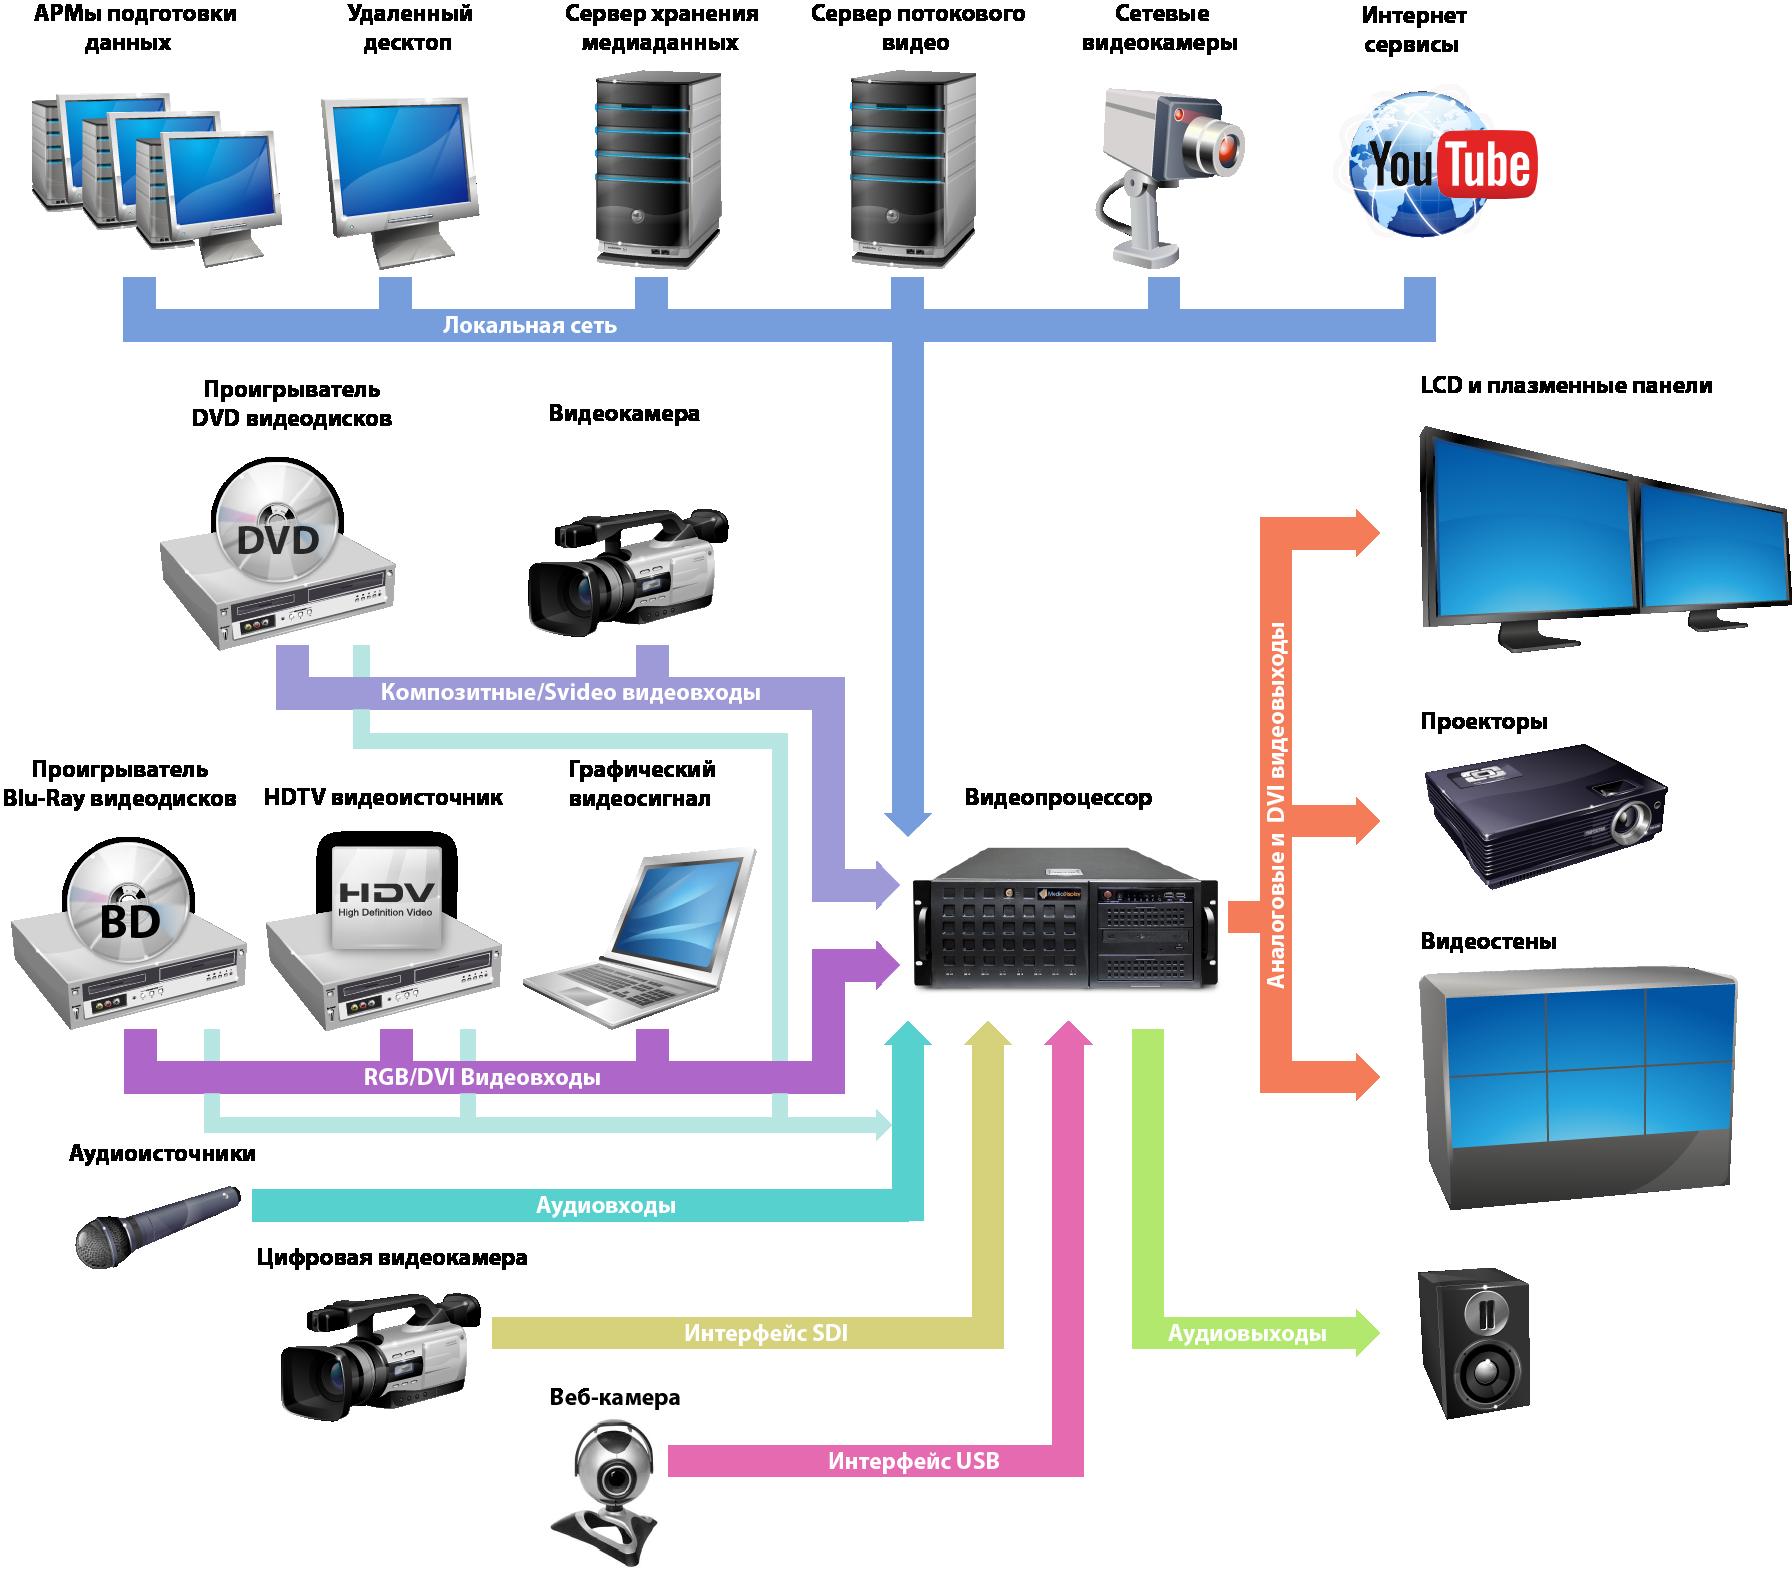 Подключение видеопроцессора к источникам сигналов и средствам отображения